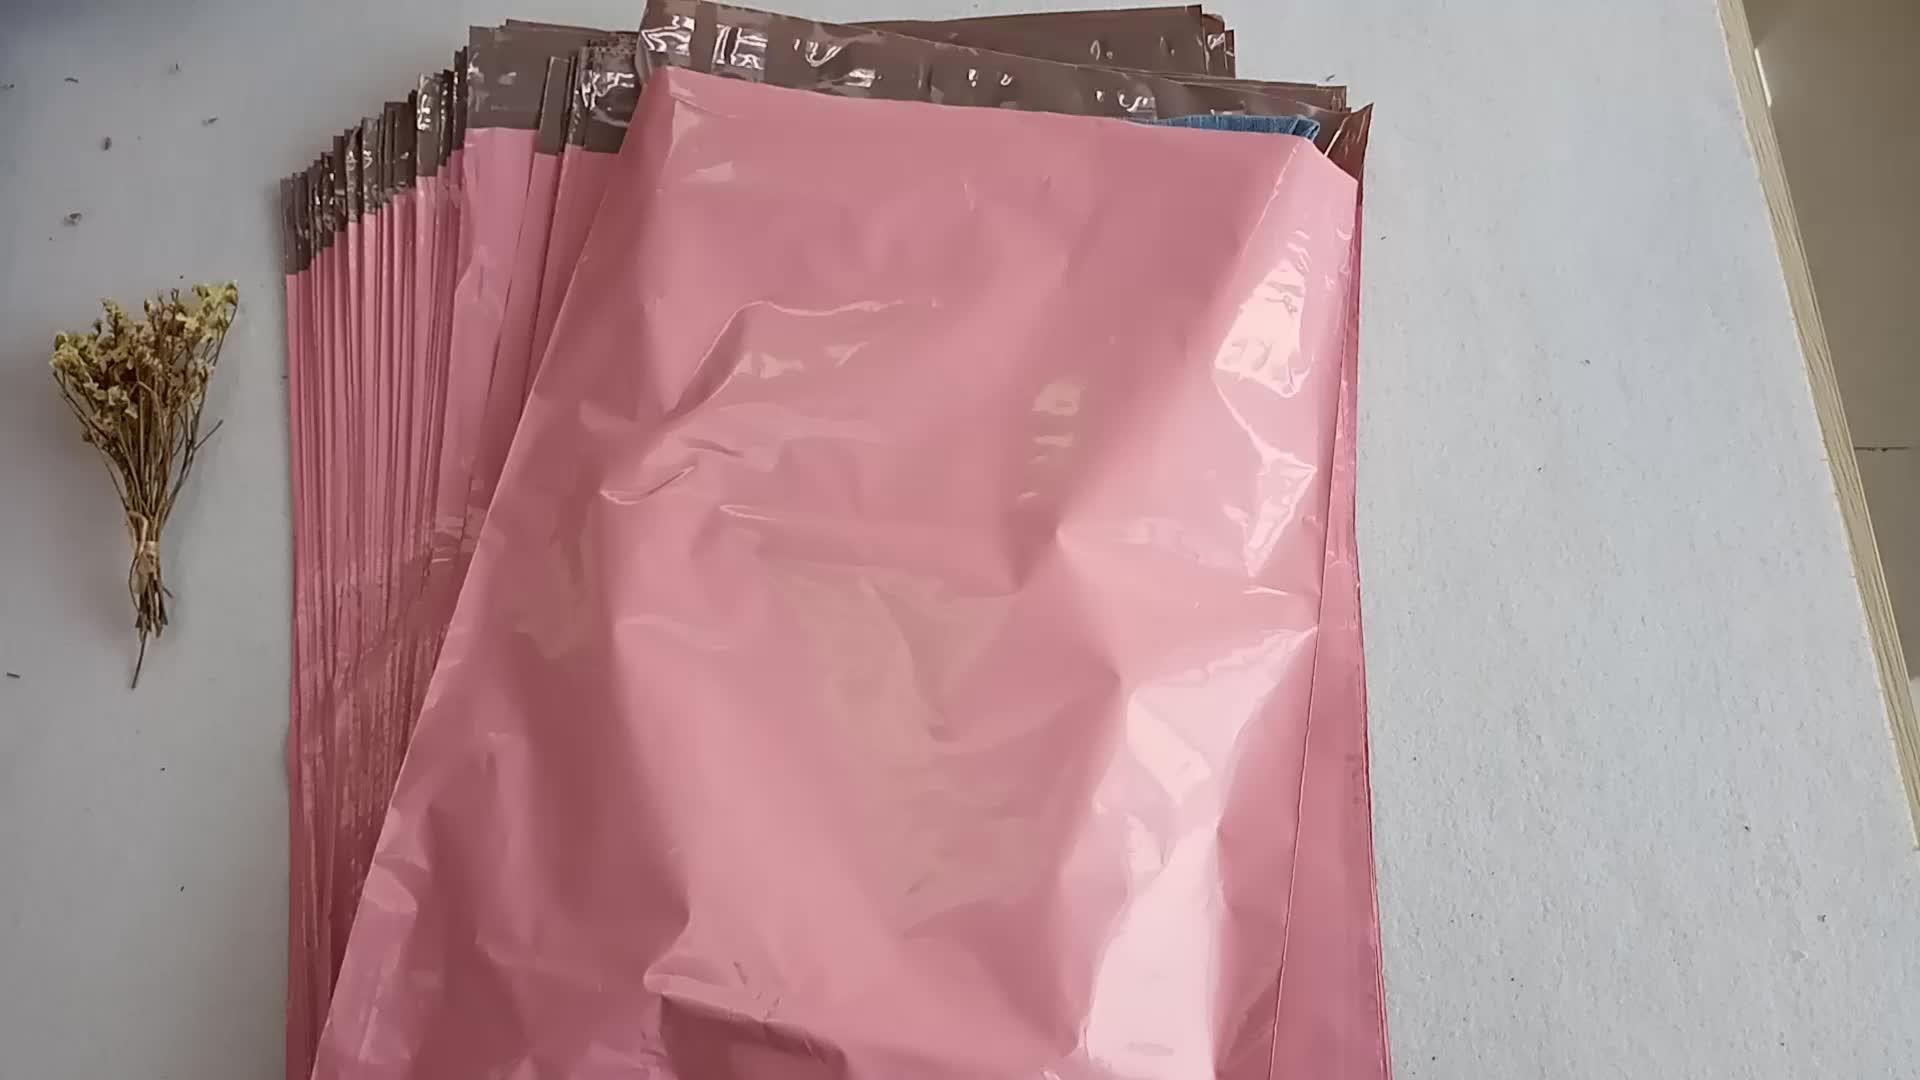 Atacado Auto Adesivas Poli Mailer Costume Impresso Rosa Roupas Reciclar Saco do Correio